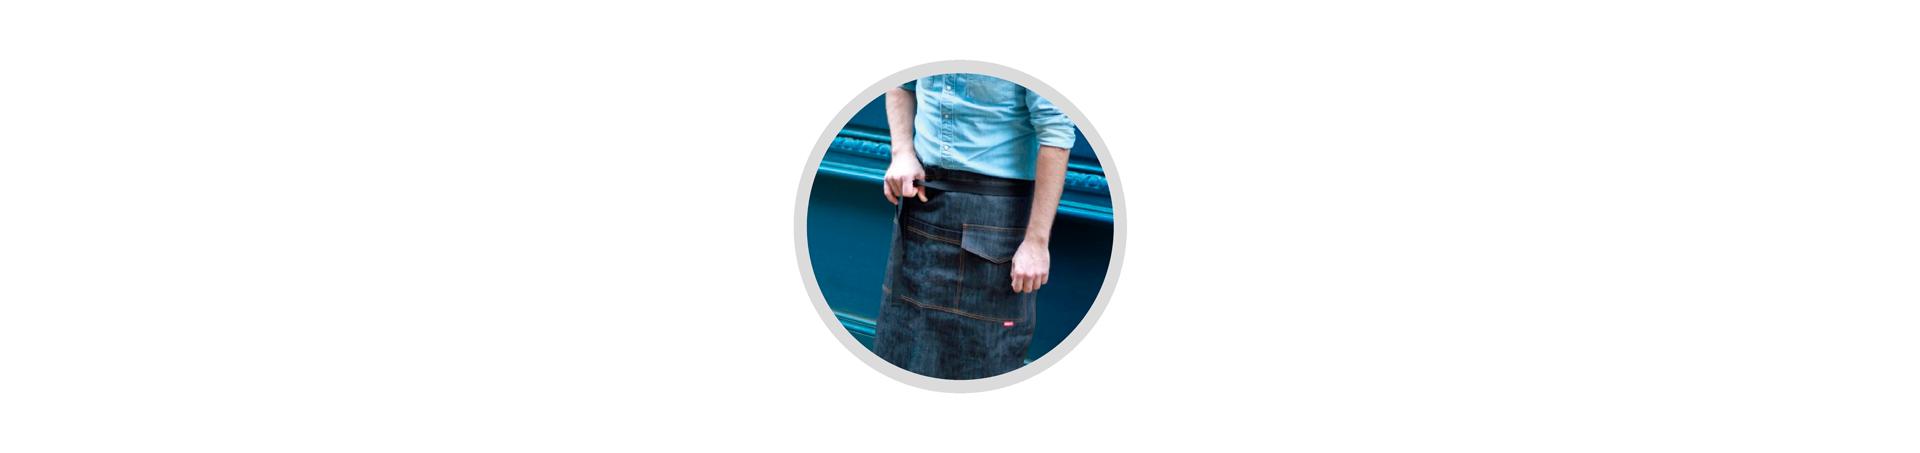 Tabliers en jean court pour serveurs et restaurants- Qualité -Personnalisable